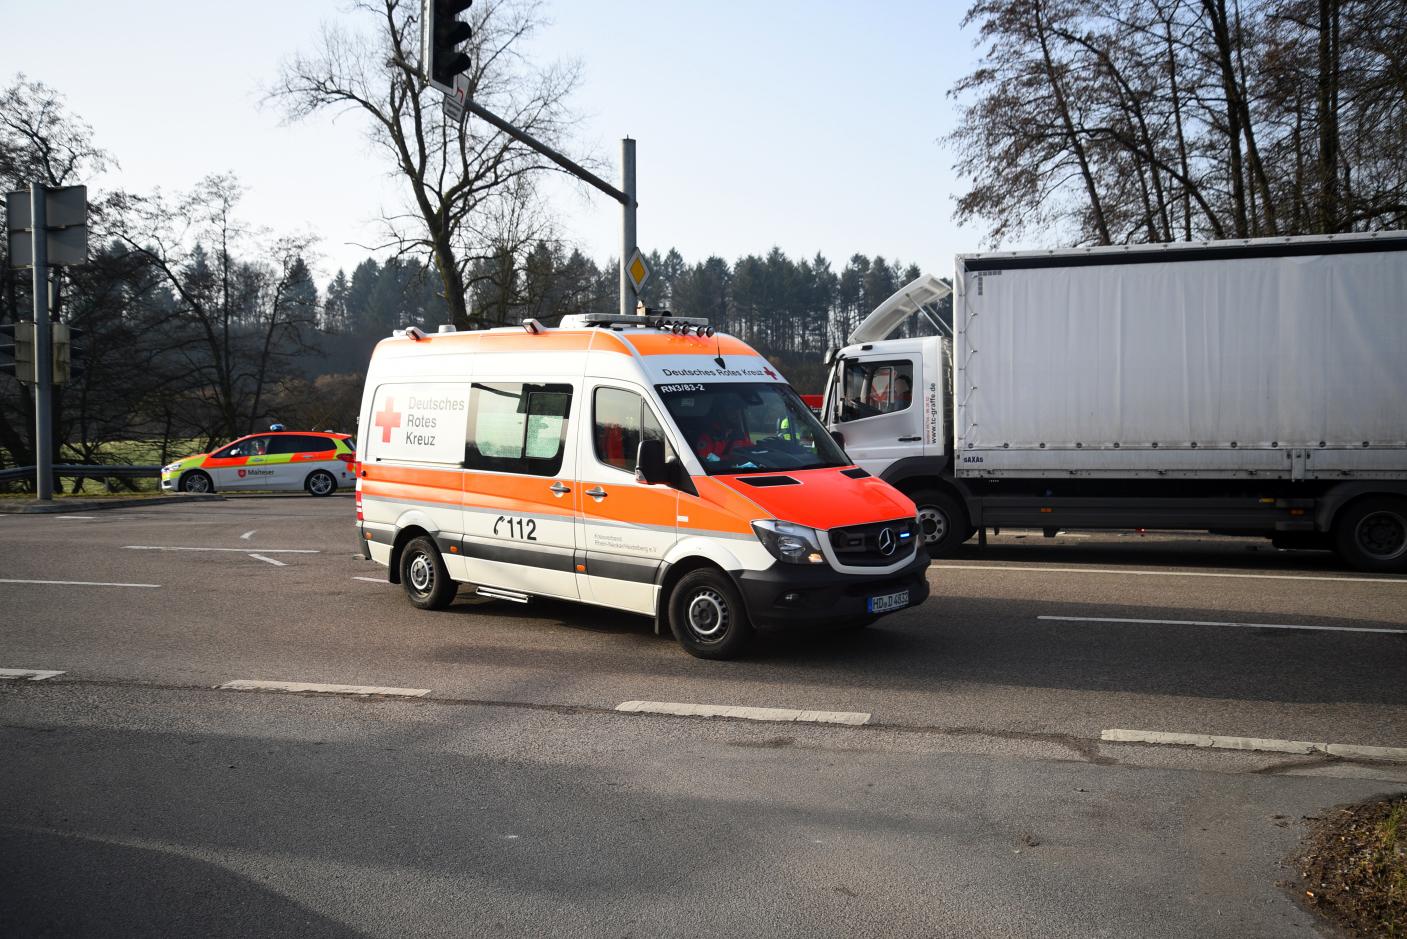 Bammental: Schwerer Verkehrsunfall auf B 45, Auto kollidiert mit Lkw - zwei Verletzte